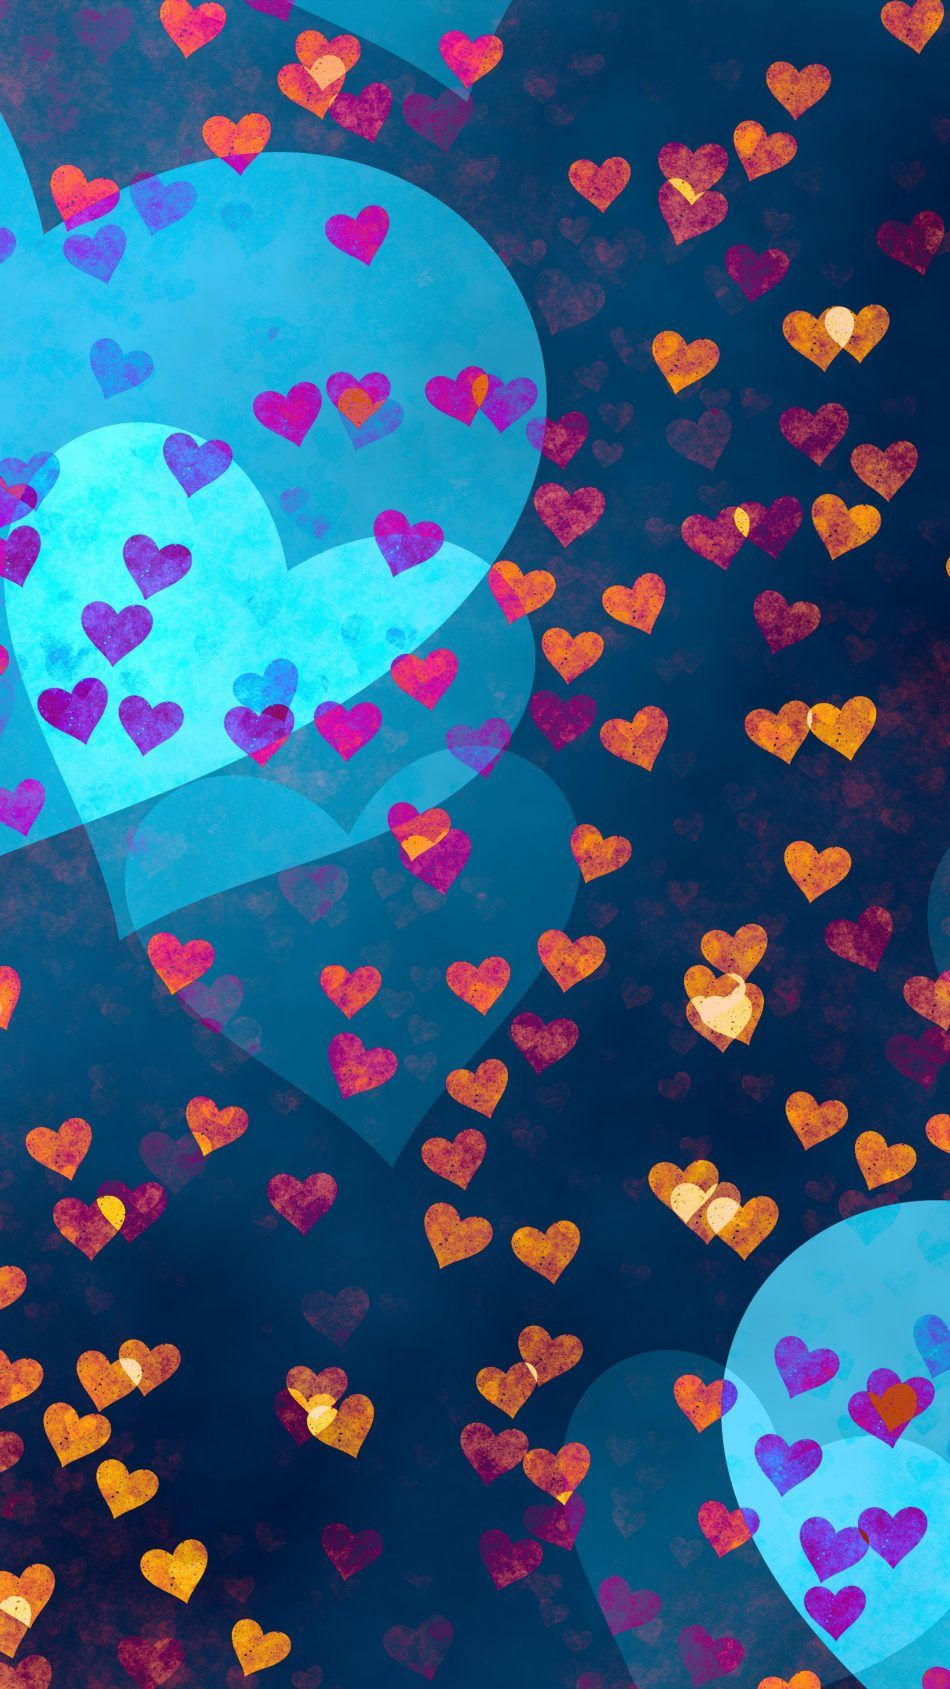 Love Hearts Pattern 4k Ultra Hd Mobile Wallpaper Hd Wallpaper Pattern Mobile Wallpaper Pattern Wallpaper